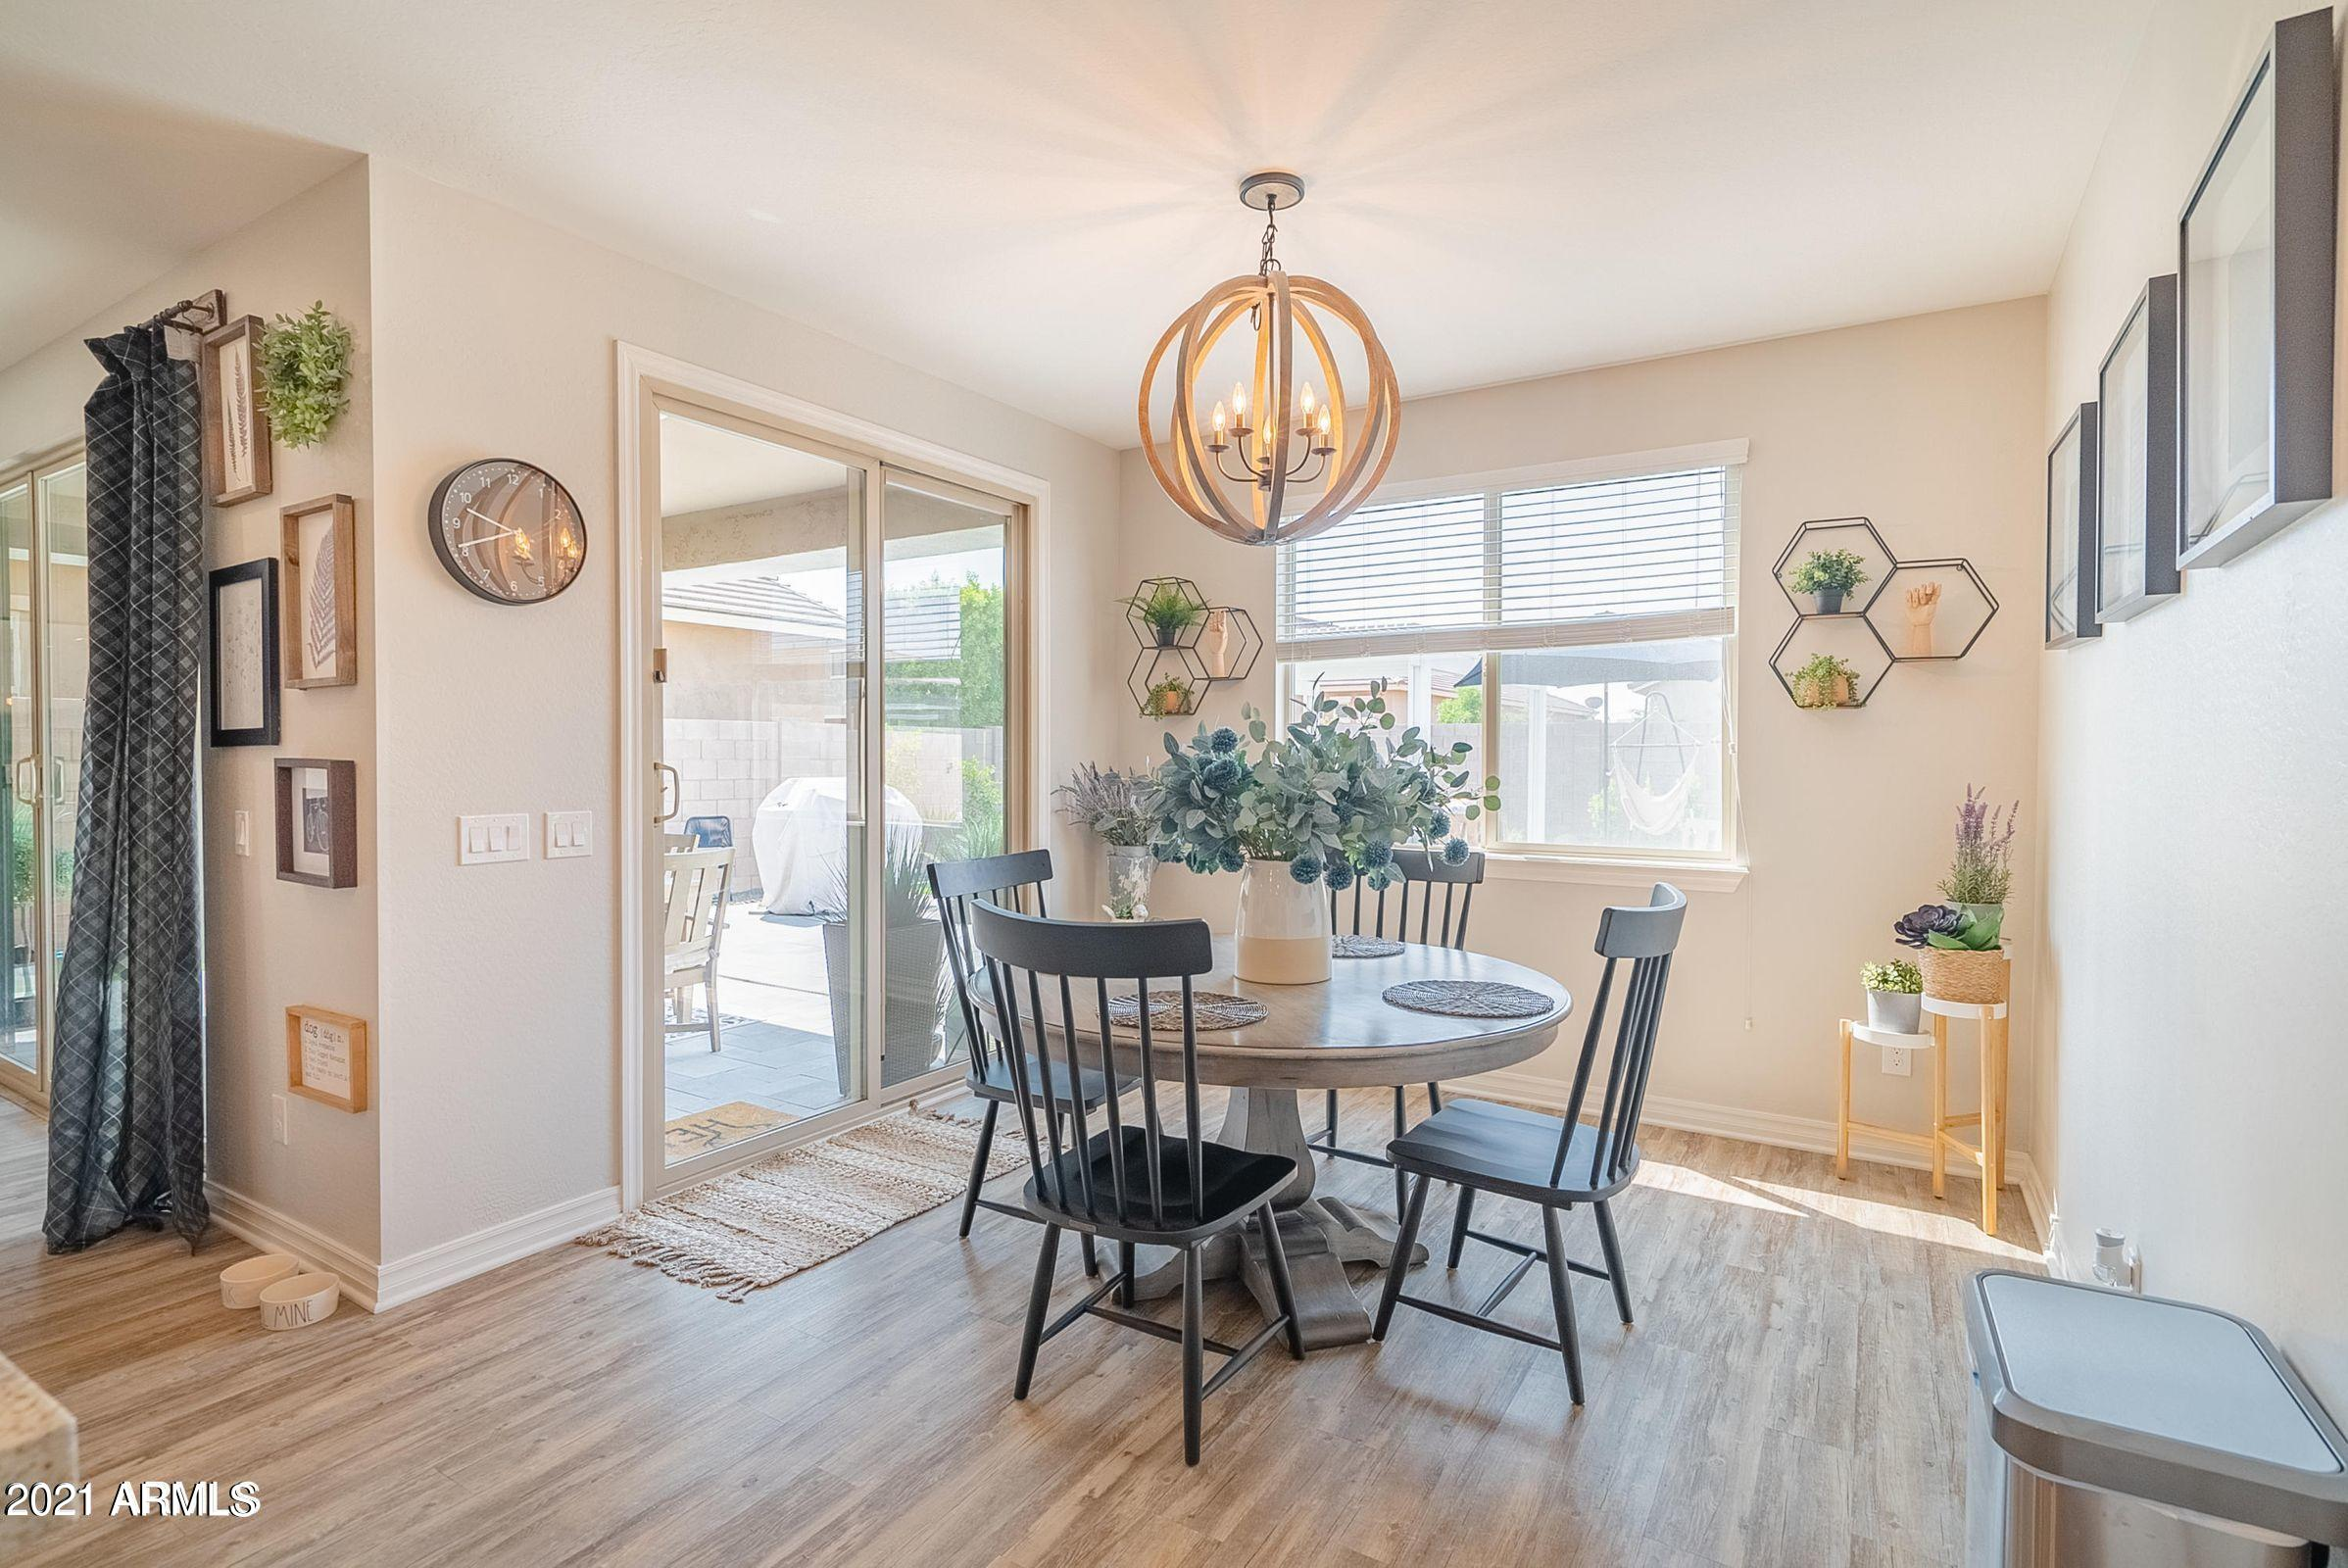 20301 HUMMINGBIRD Drive, Queen Creek, Arizona 85142, 4 Bedrooms Bedrooms, ,3 BathroomsBathrooms,Residential,For Sale,HUMMINGBIRD,6266880